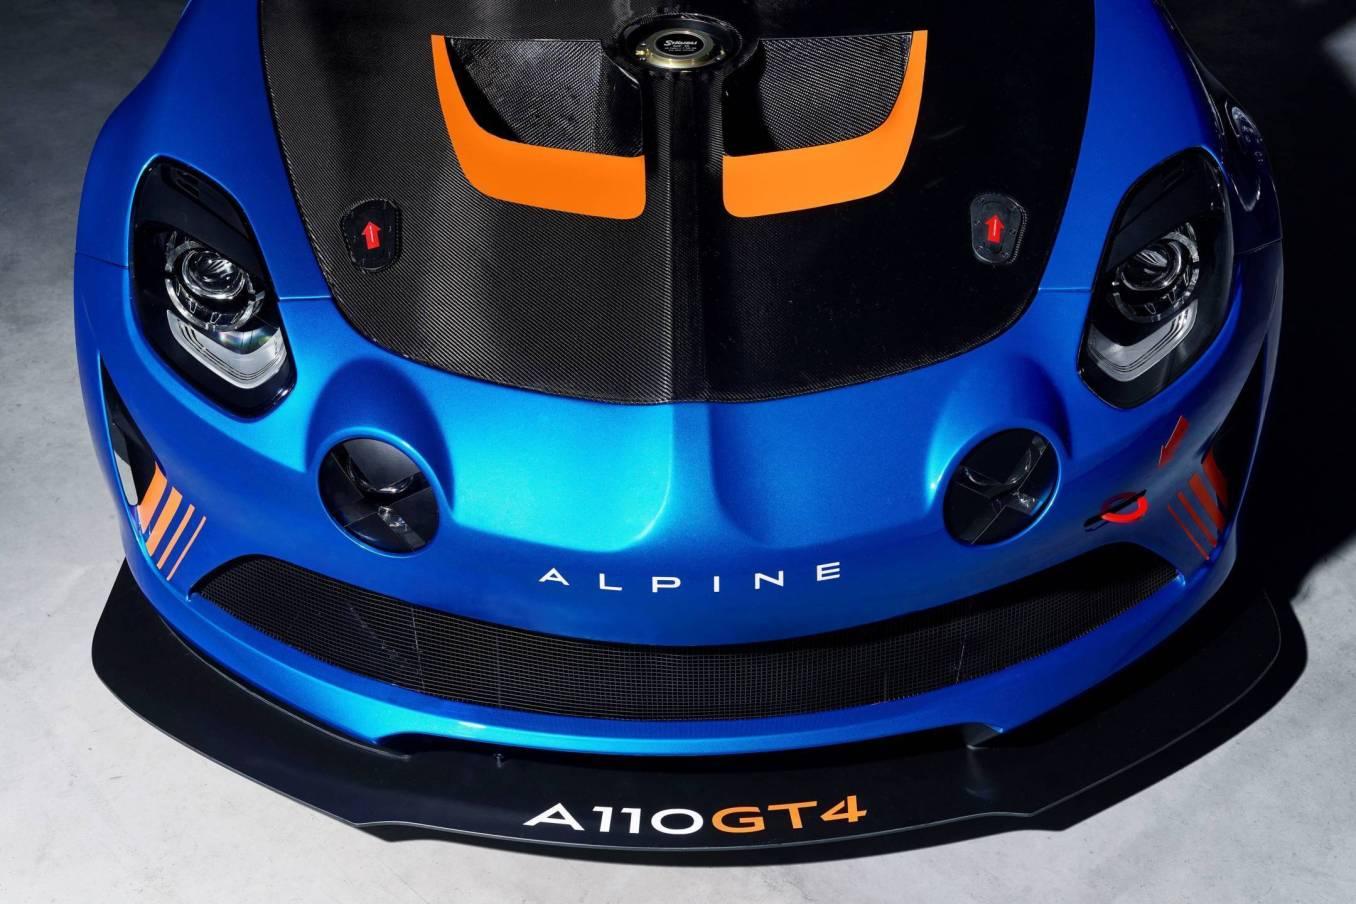 2018 alpine a110 gt4 | Alpine dévoile son A110 GT4 au Salon de Genève avec Signatech !